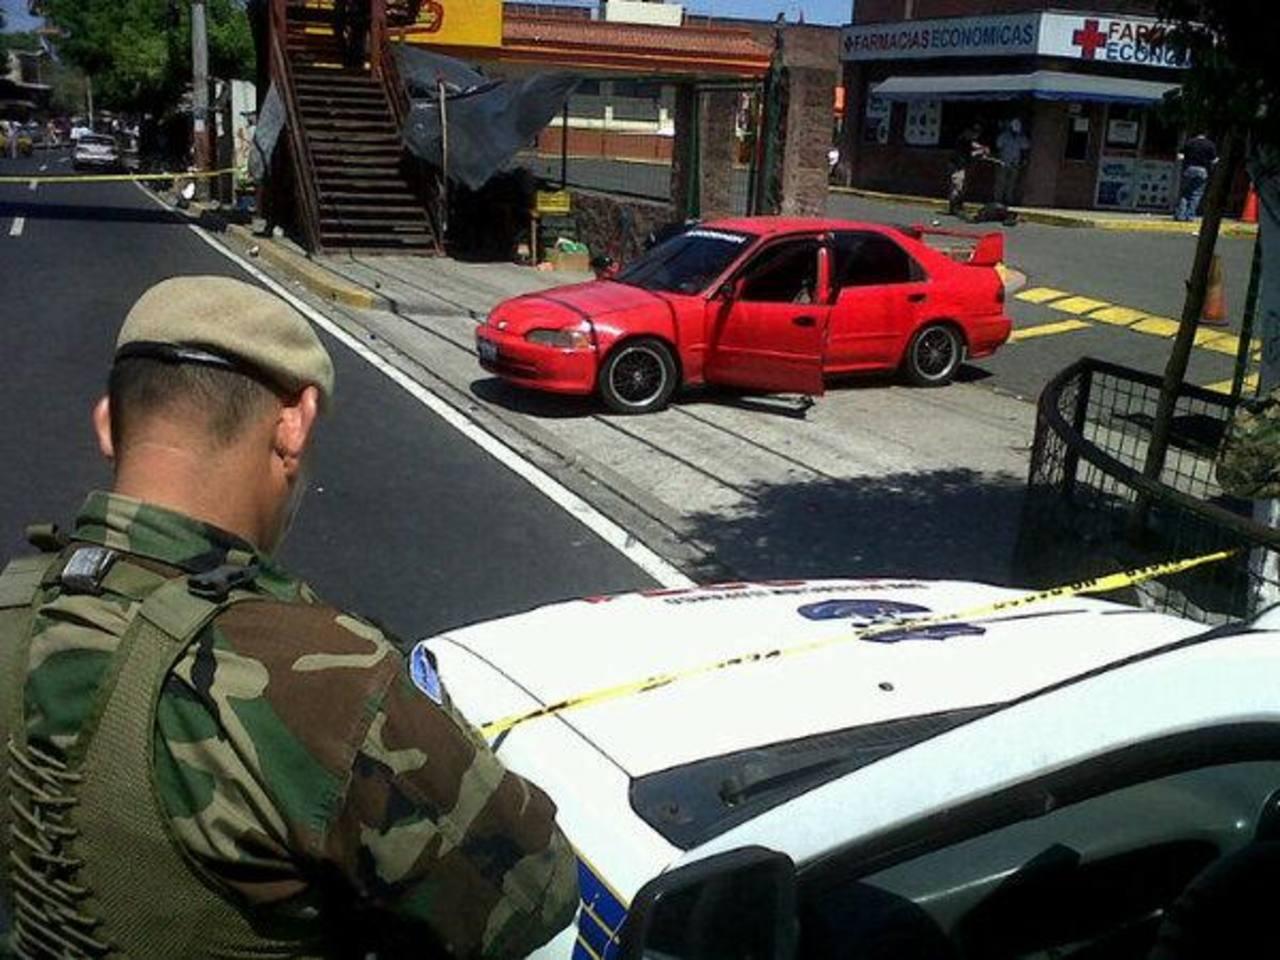 La Fuerza Armada y Policía realizaron un operativo en la búsqueda de uno de los delincuentes, que huyó . Foto vía Twitter Jaime Anaya